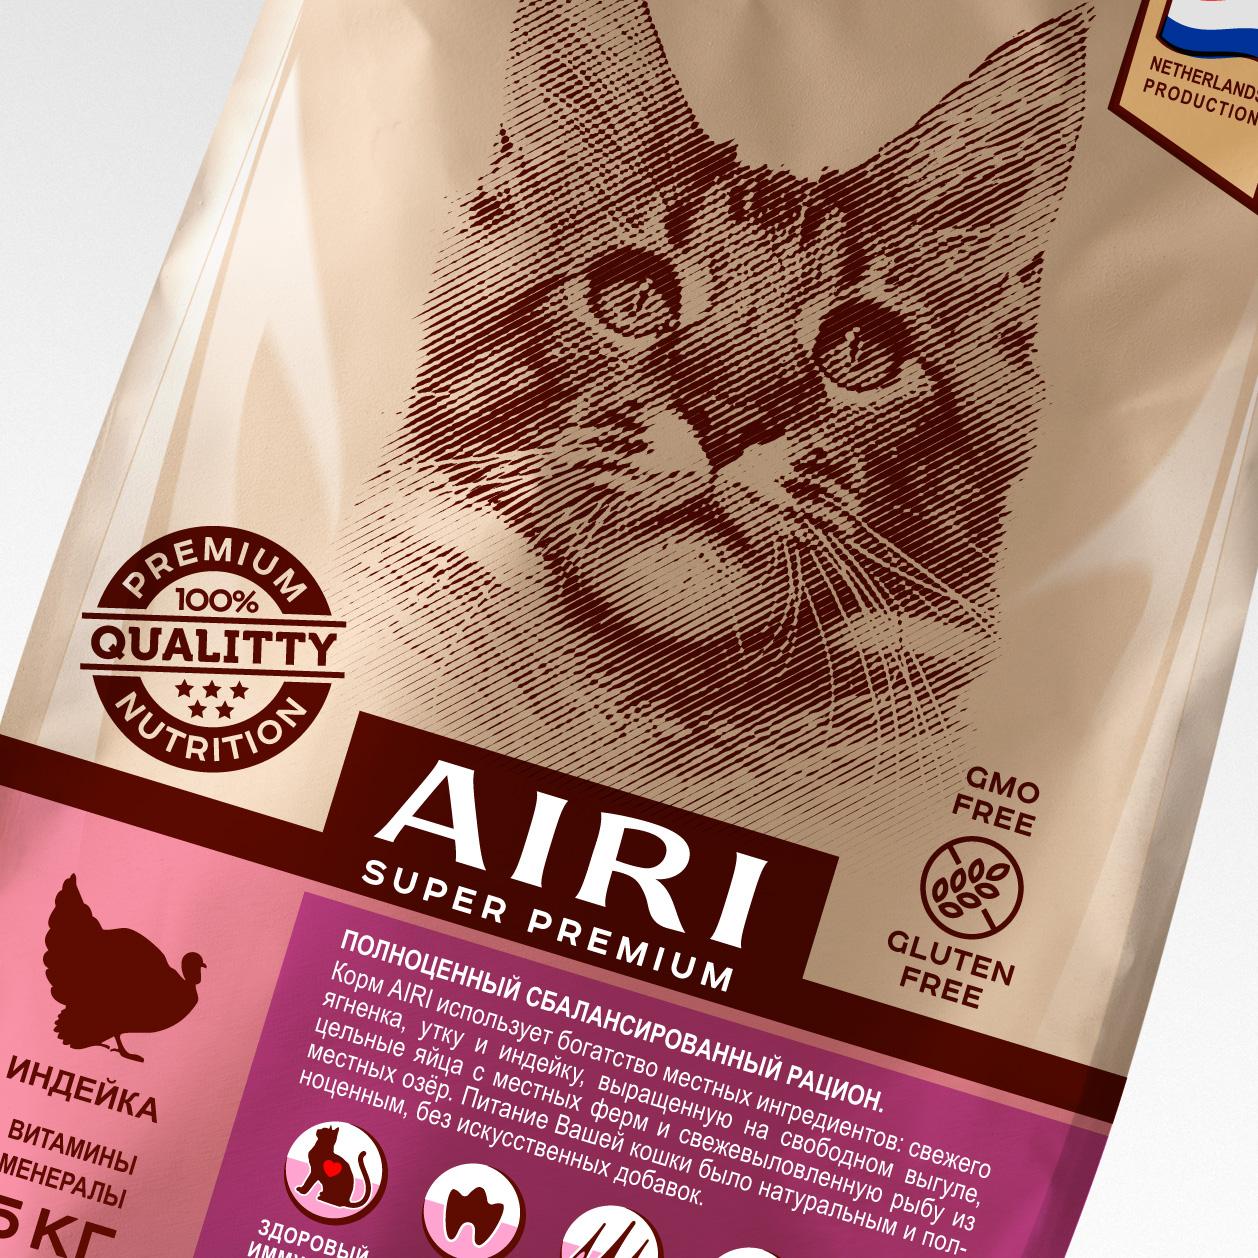 Создание дизайна упаковки для кормов для животных. фото f_9855ae76c86ed21b.jpg